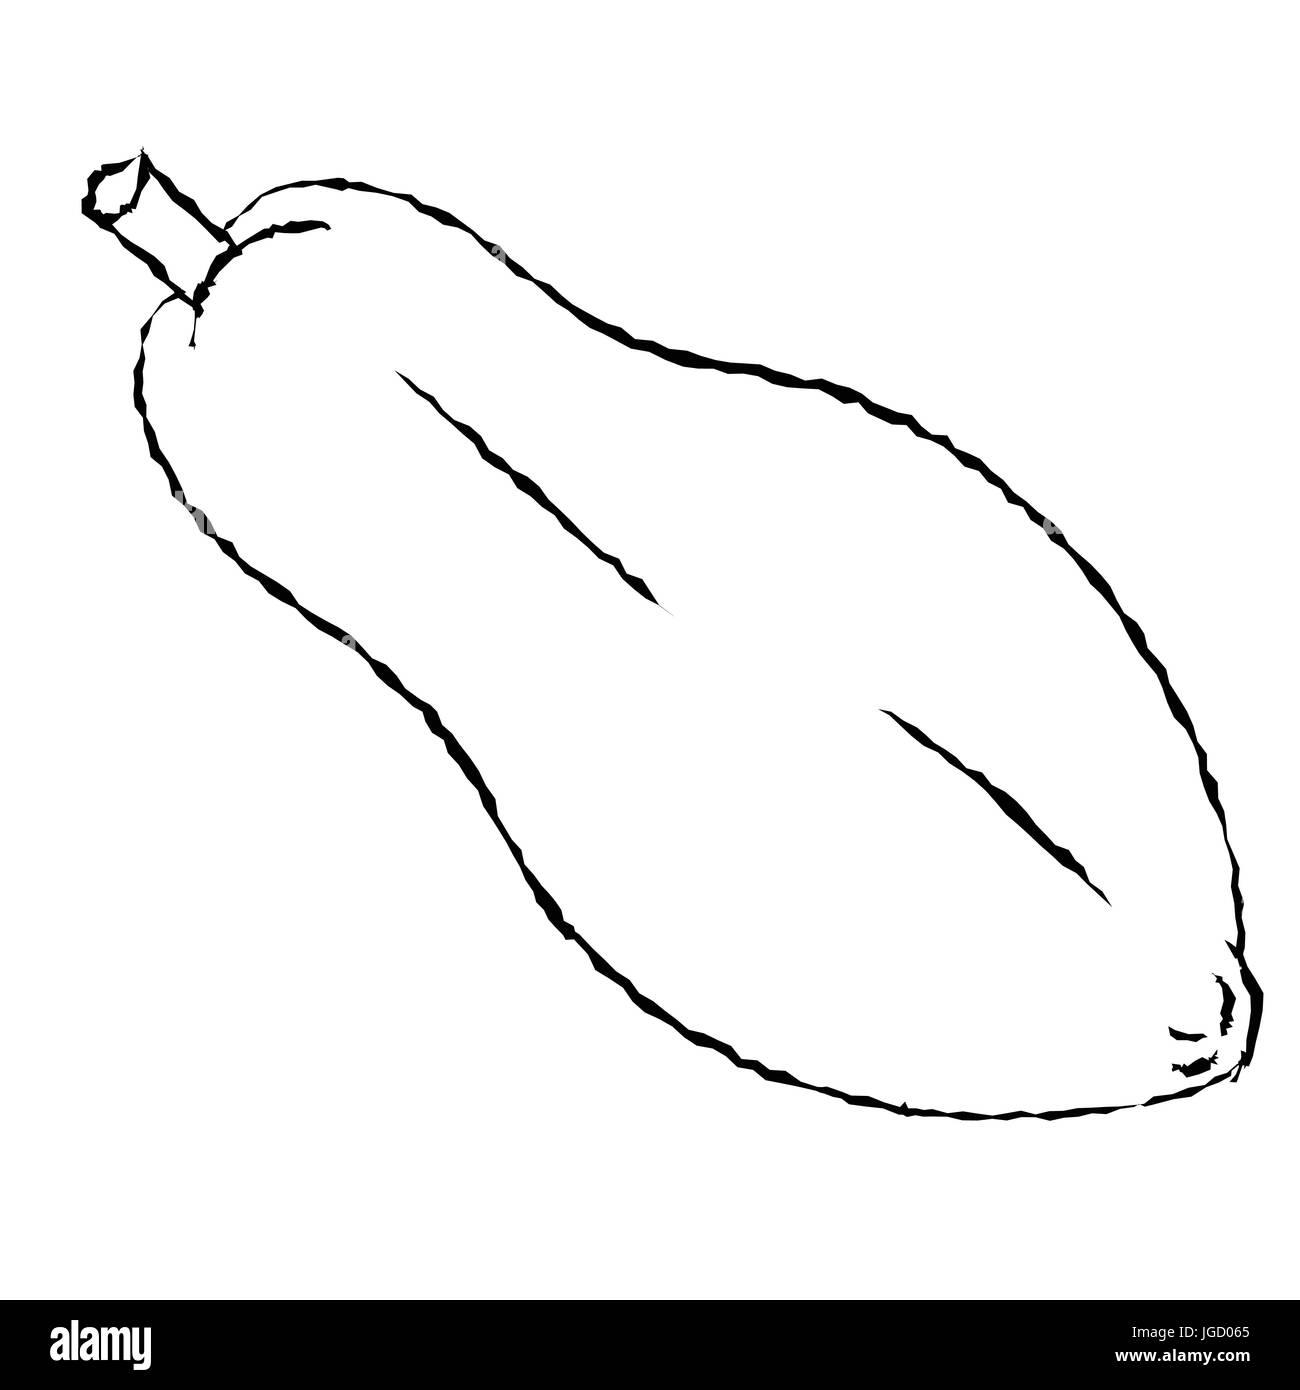 Croquis dibujados a mano de papaya aislados, en blanco y negro para ...